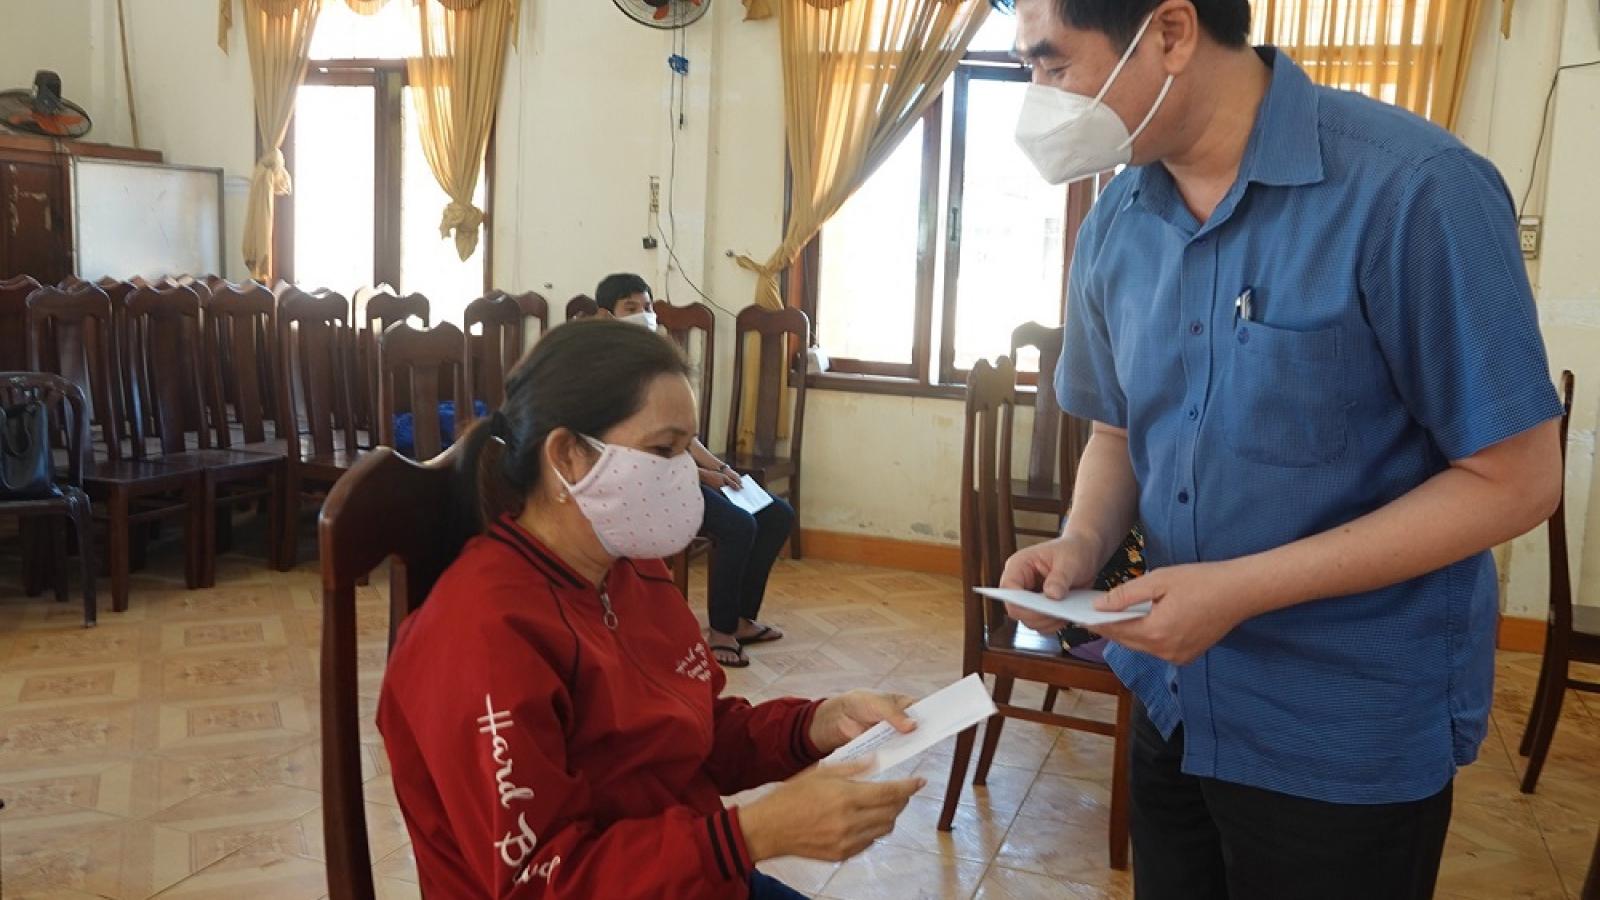 Nhiều doanh nghiệp ở Bình Định được vay tiền trả lương người lao động